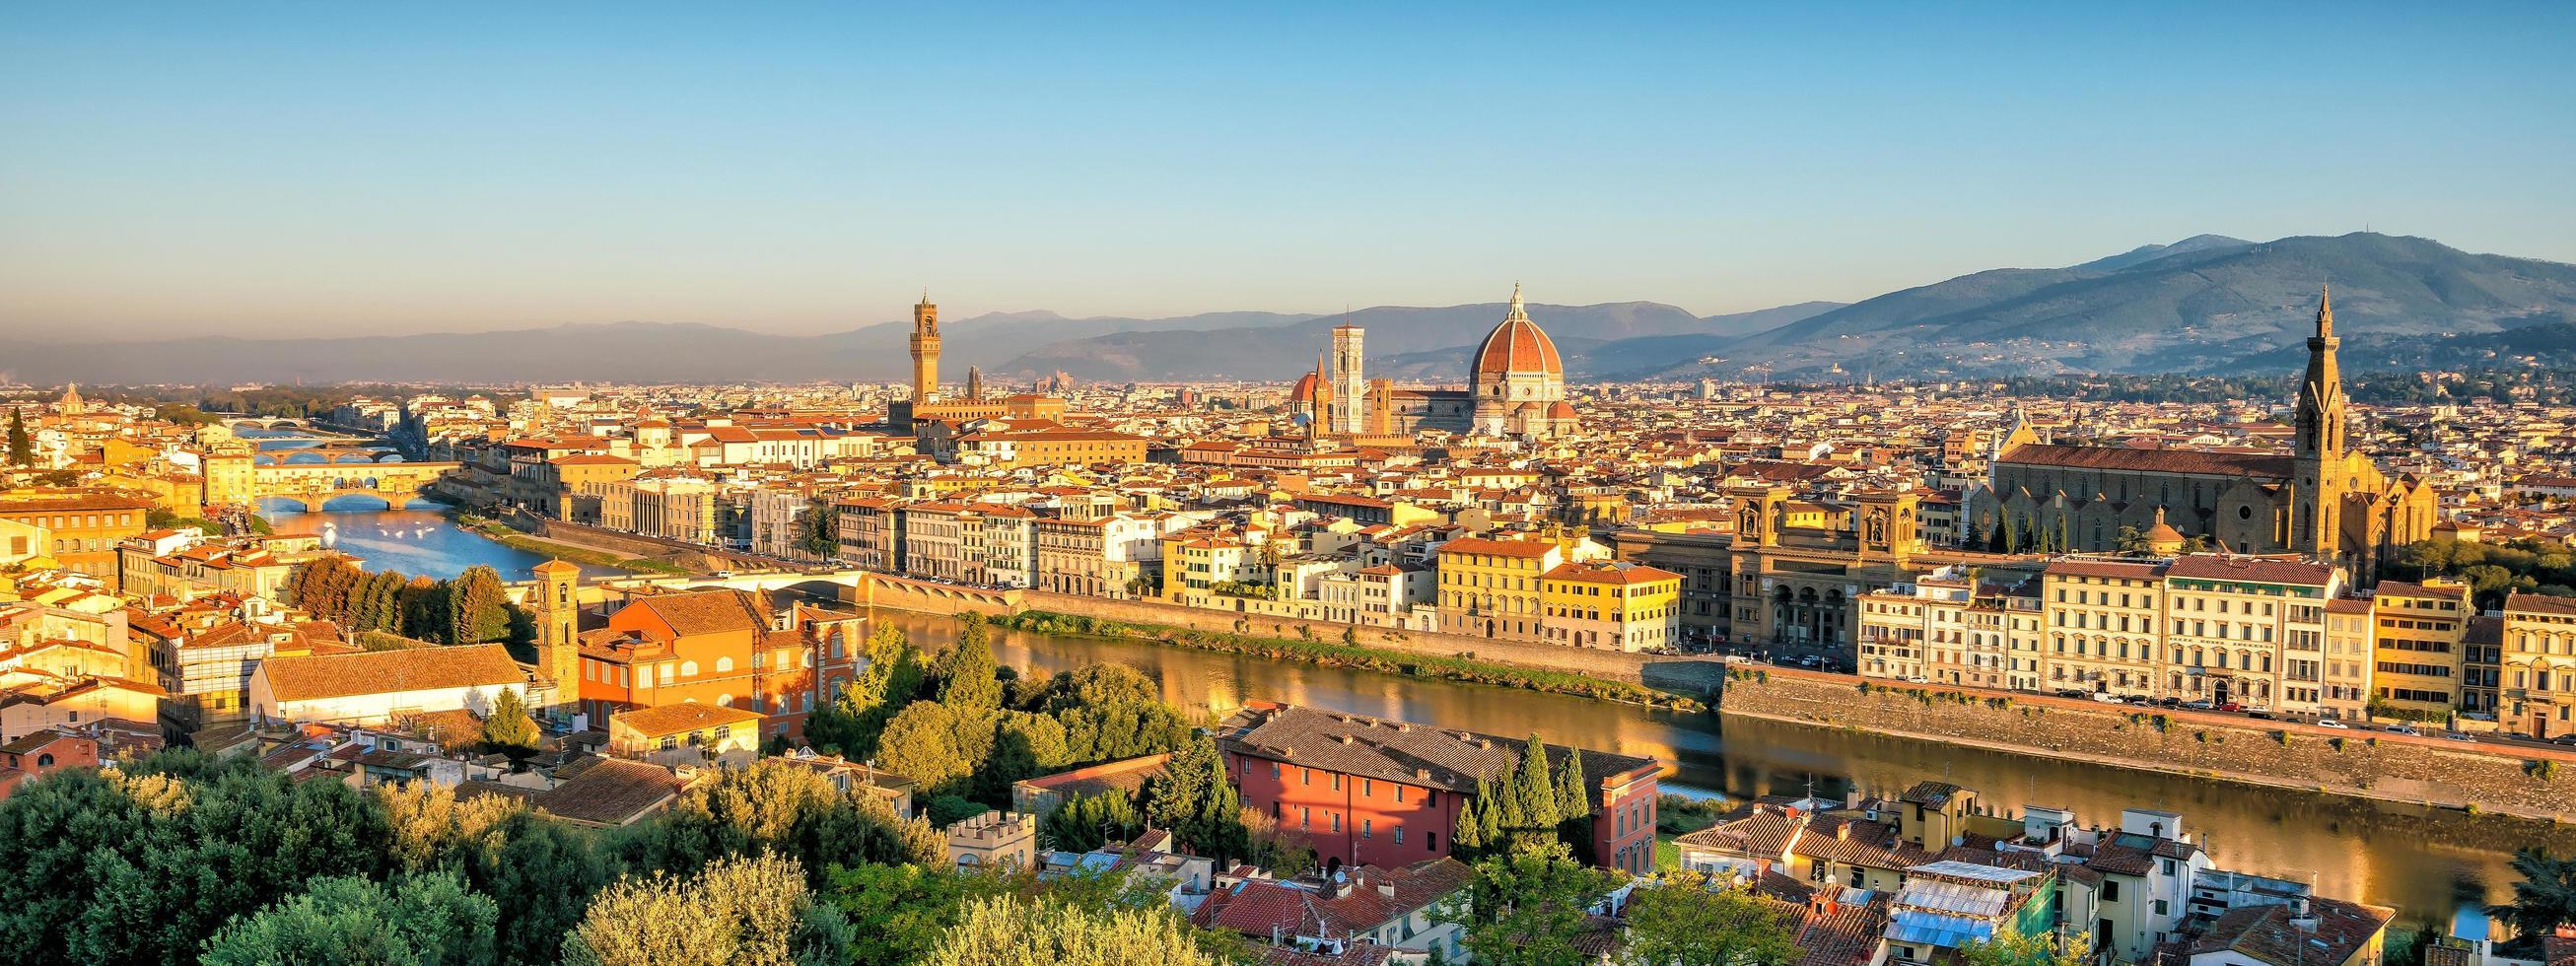 Vista del horizonte de Florencia desde la vista superior foto